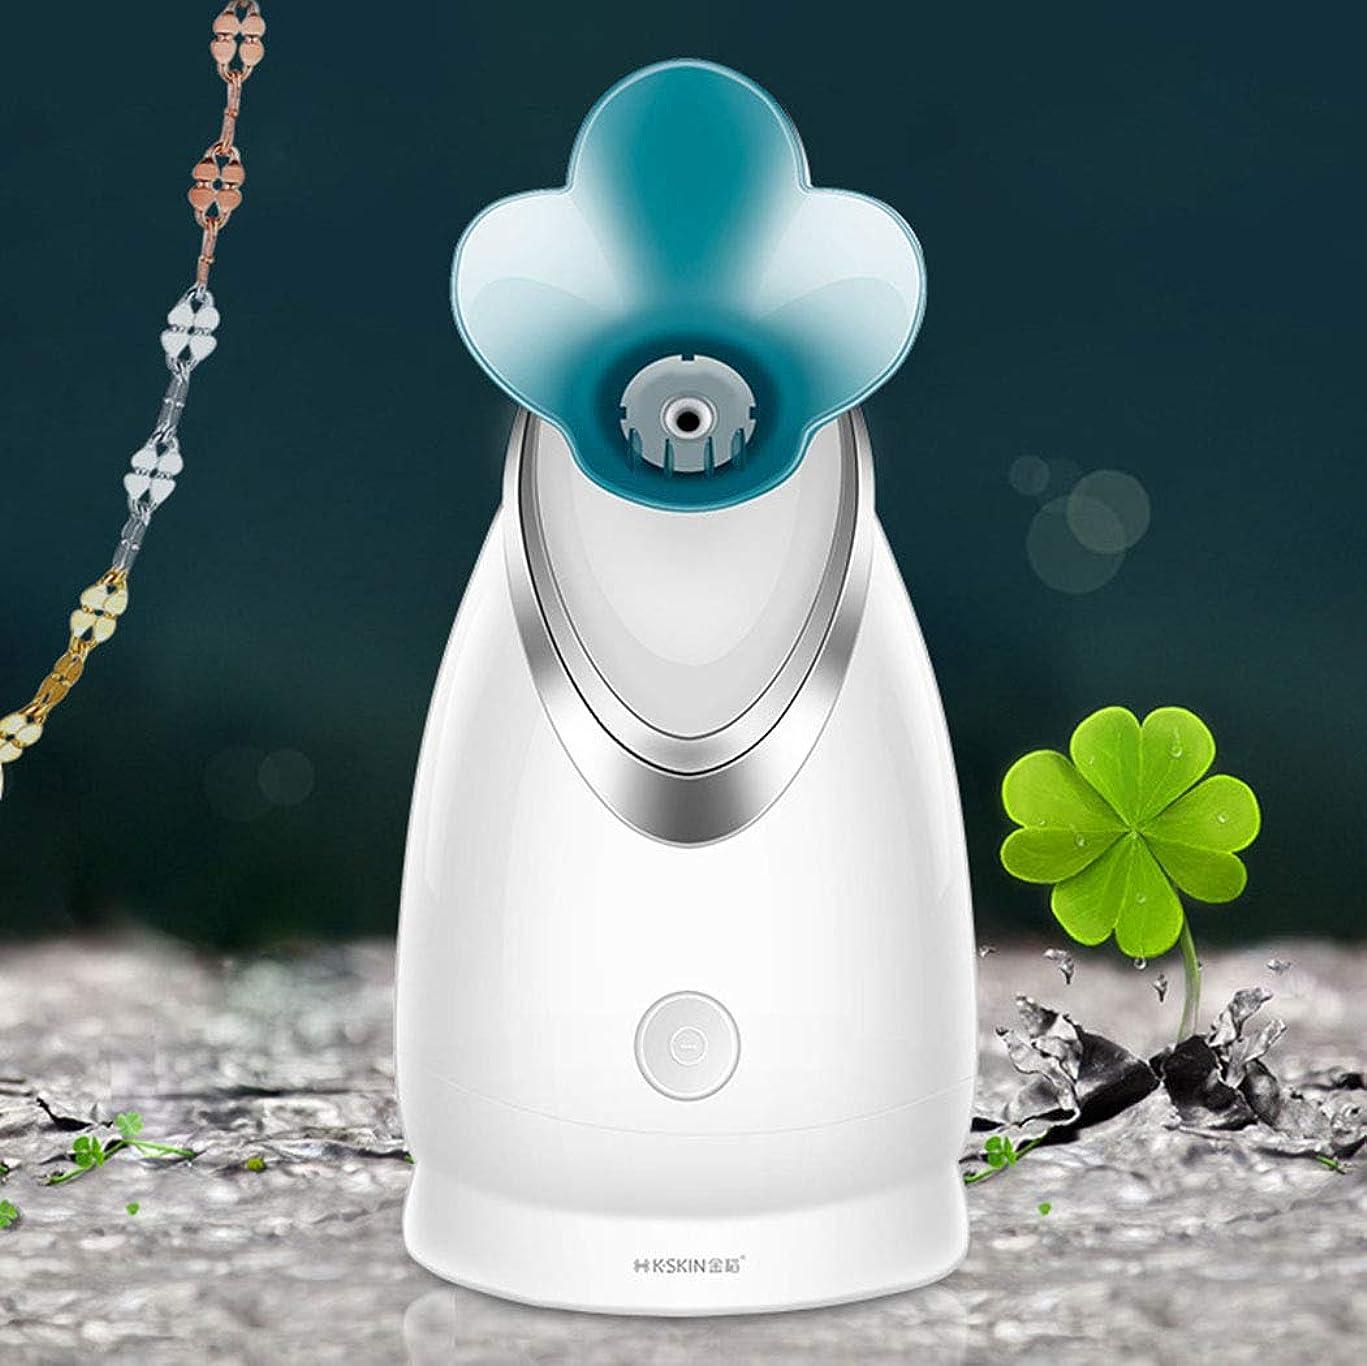 どちらも上流の使い込むLVESHOP 蒸気面イオンホット蒸し顔機家庭用噴霧器美容機器水道メーター加湿器 (色 : T2)